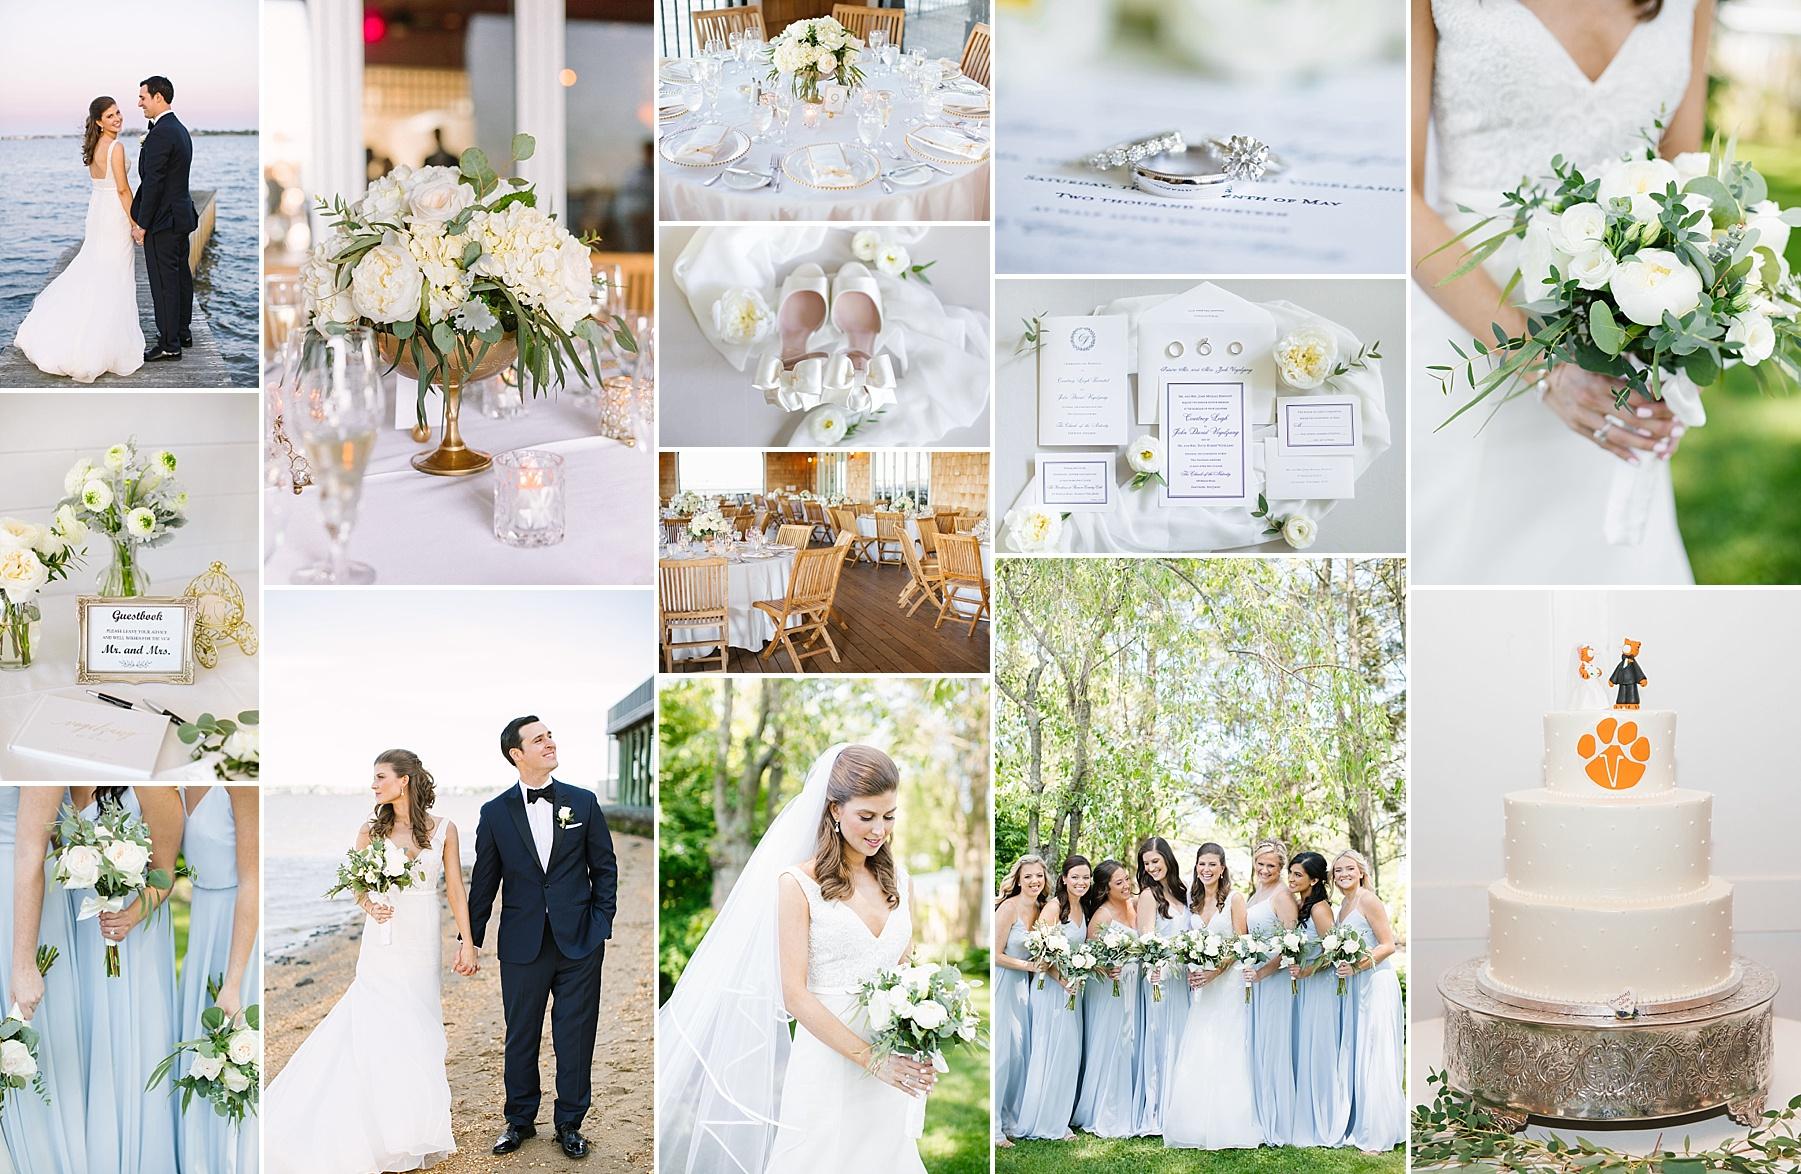 Ashley Mac Photographs | NJ wedding photographer | New Jersey wedding photographer | The Riverhouse at Rumson Country Club Wedding | Rumson NJ wedding | Rumson NJ wedding photographerv